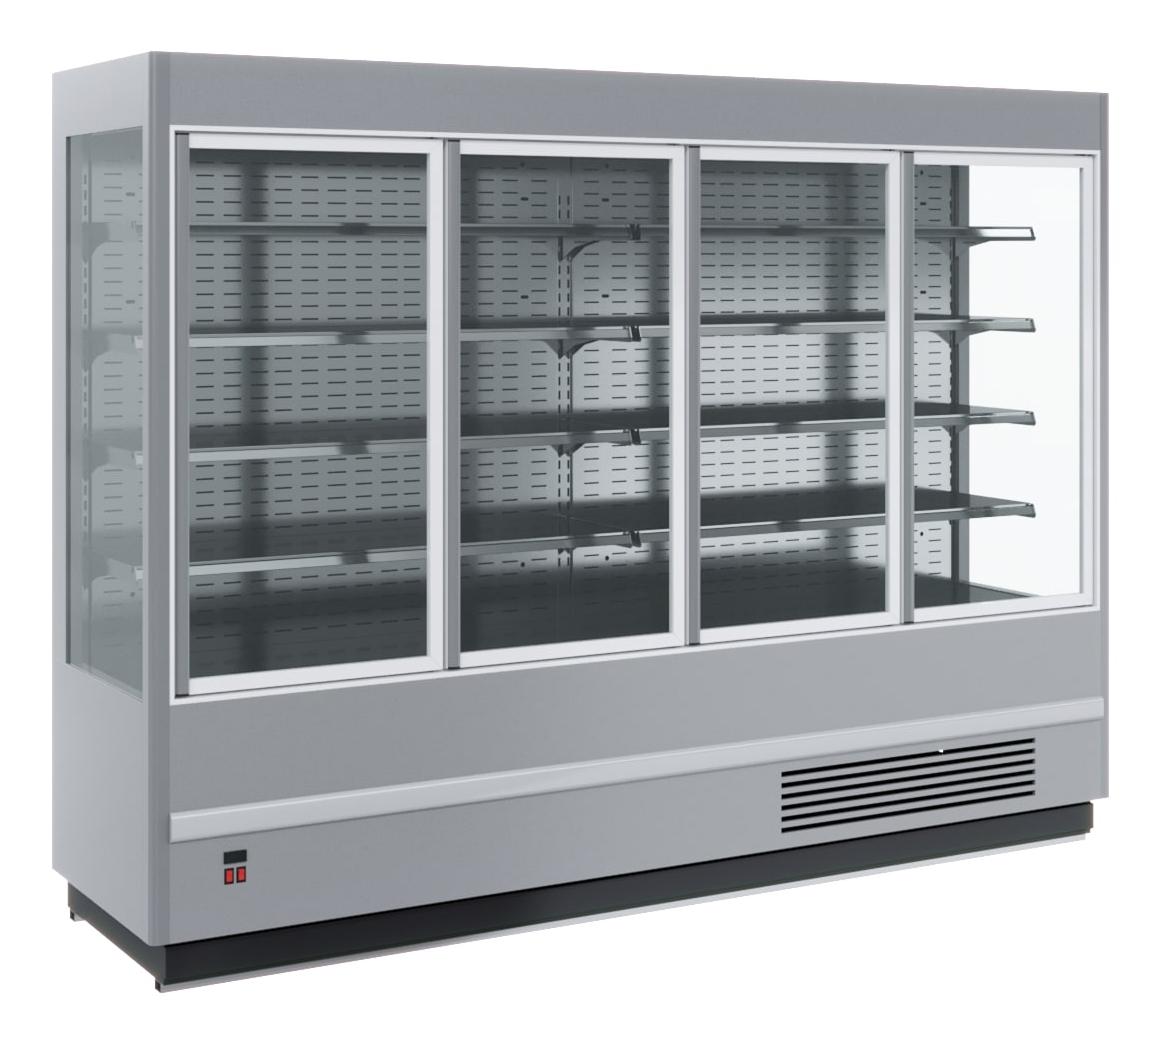 Холодильные агрегаты и установки как залог успешного бизнеса